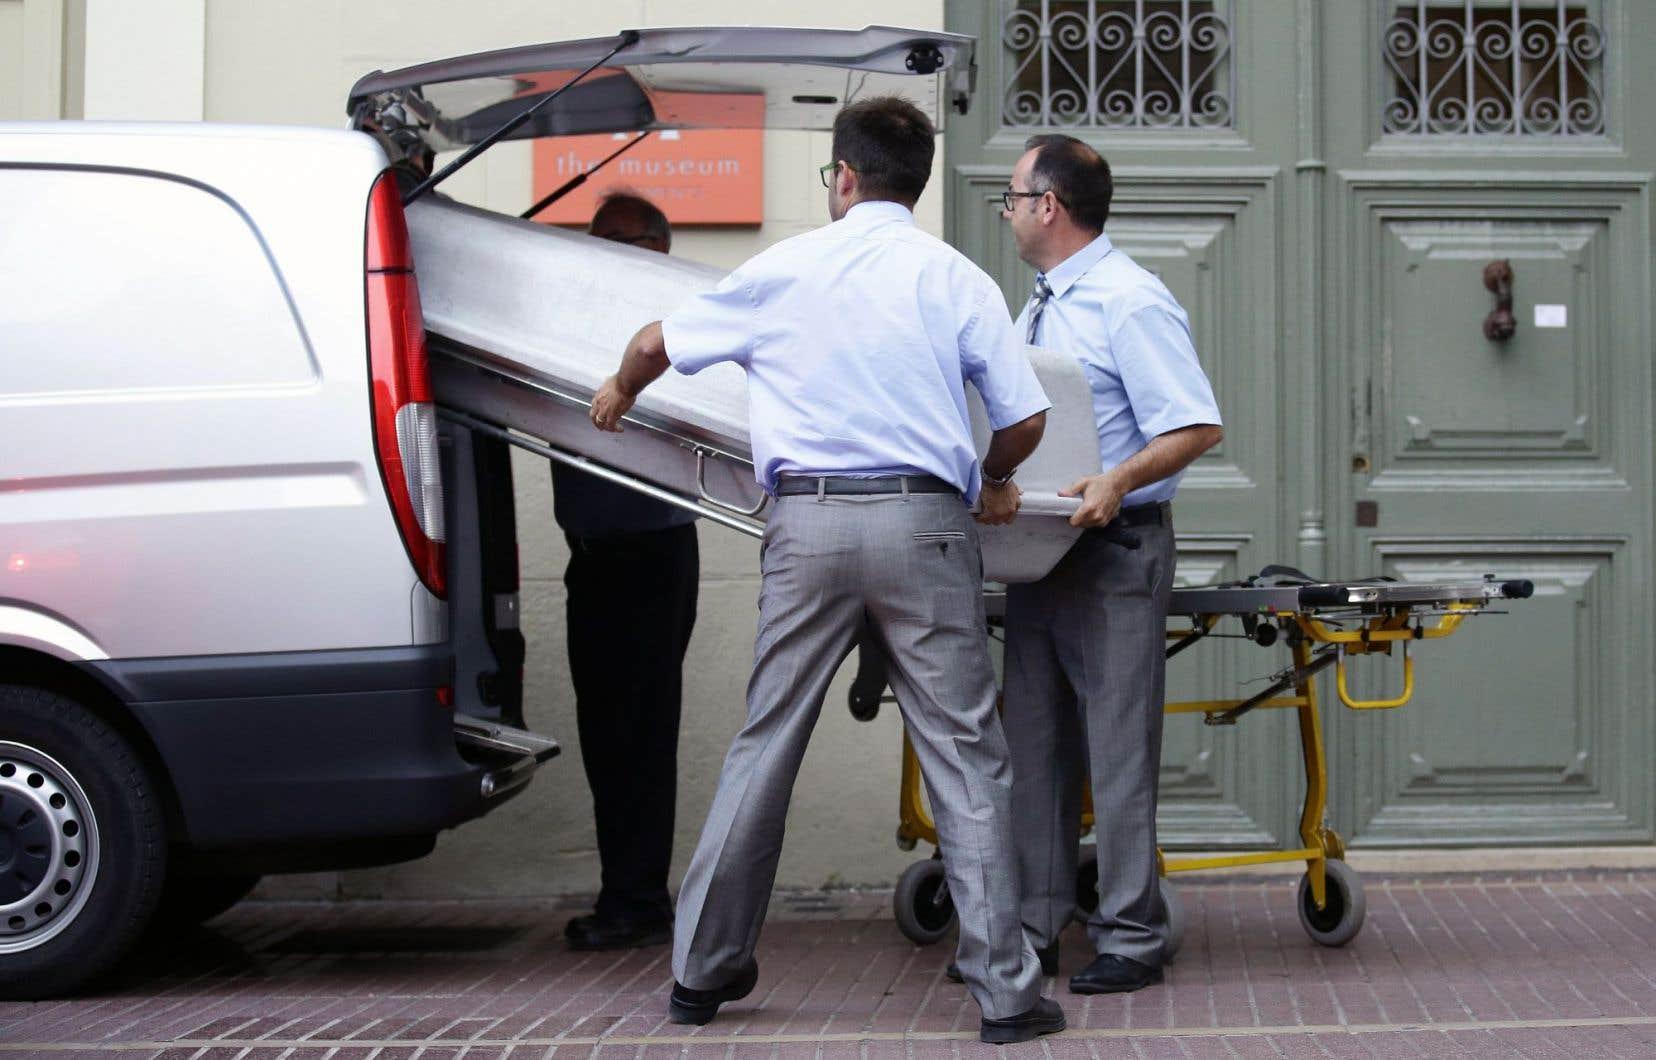 Les restes exhumés de l'artiste ont été examinés par des médecins légistes jeudi à Figueras, en Espagne.